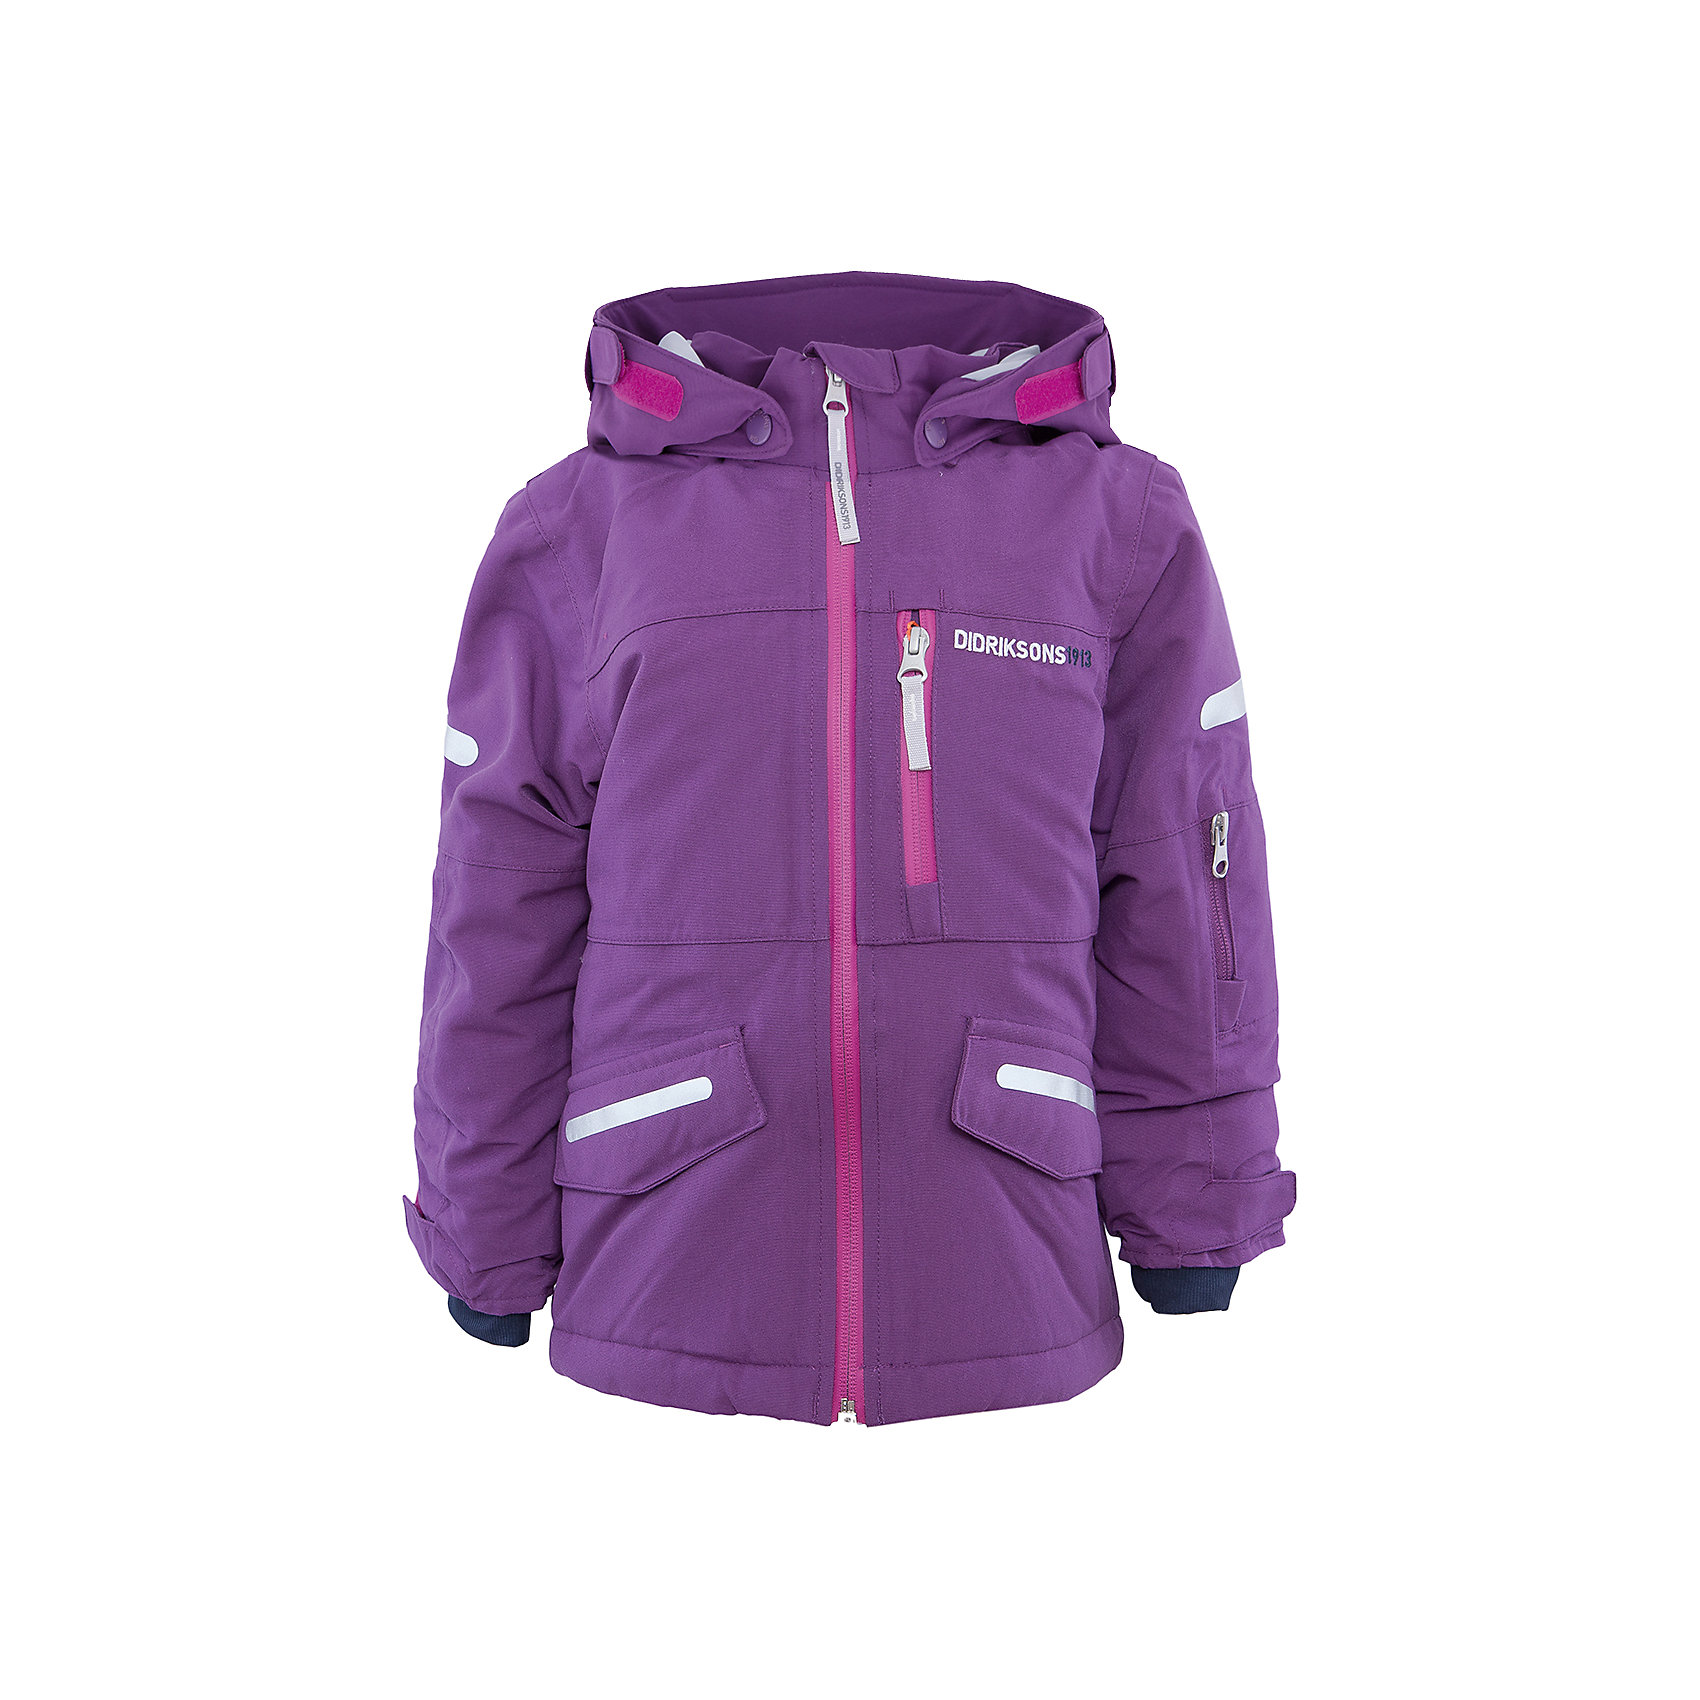 Куртка для девочки DIDRIKSONSВерхняя одежда<br>Характеристики товара:<br><br>• цвет: фиолетовый<br>• материал: 100% полиамид, подкладка 100% полиэстер<br>• утеплитель: 140 г/м<br>• сезон: зима<br>• температурный режим от +5 до -20С<br>• непромокаемая и непродуваемая мембранная ткань<br>• на спине подкладка из искусственного меха<br>• дополнительная пропитка верха<br>• прокленные швы<br>• регулируемый съемный капюшон<br>• манжеты и низ регулируется<br>• петли для крепления варежек<br>• трикотажные манжеты<br>• фронтальная молния под планкой<br>• светоотражающие детали<br>• можно увеличить длину рукавов на один размер <br>• страна бренда: Швеция<br>• страна производства: Бангладеш<br><br>Такие куртки сейчас на пике молодежной моды! Это не только стильно, но еще и очень комфортно, а также тепло. Эта качественная куртка обеспечит ребенку удобство при прогулках и активном отдыхе в межсезонье. Такая модель от шведского производителя легко трансформируется под рост ребенка и погодные условия.<br>Куртка сшита из мембранной ткани, которая позволяет телу дышать, но при этом не промокает и не продувается. Очень стильная и удобная модель! Изделие качественно выполнено, сделано из безопасных для детей материалов. <br><br>Куртку для девочки от бренда DIDRIKSONS можно купить в нашем интернет-магазине.<br><br>Ширина мм: 356<br>Глубина мм: 10<br>Высота мм: 245<br>Вес г: 519<br>Цвет: розовый<br>Возраст от месяцев: 18<br>Возраст до месяцев: 24<br>Пол: Женский<br>Возраст: Детский<br>Размер: 90,110,100,80,140,130,120<br>SKU: 5043900